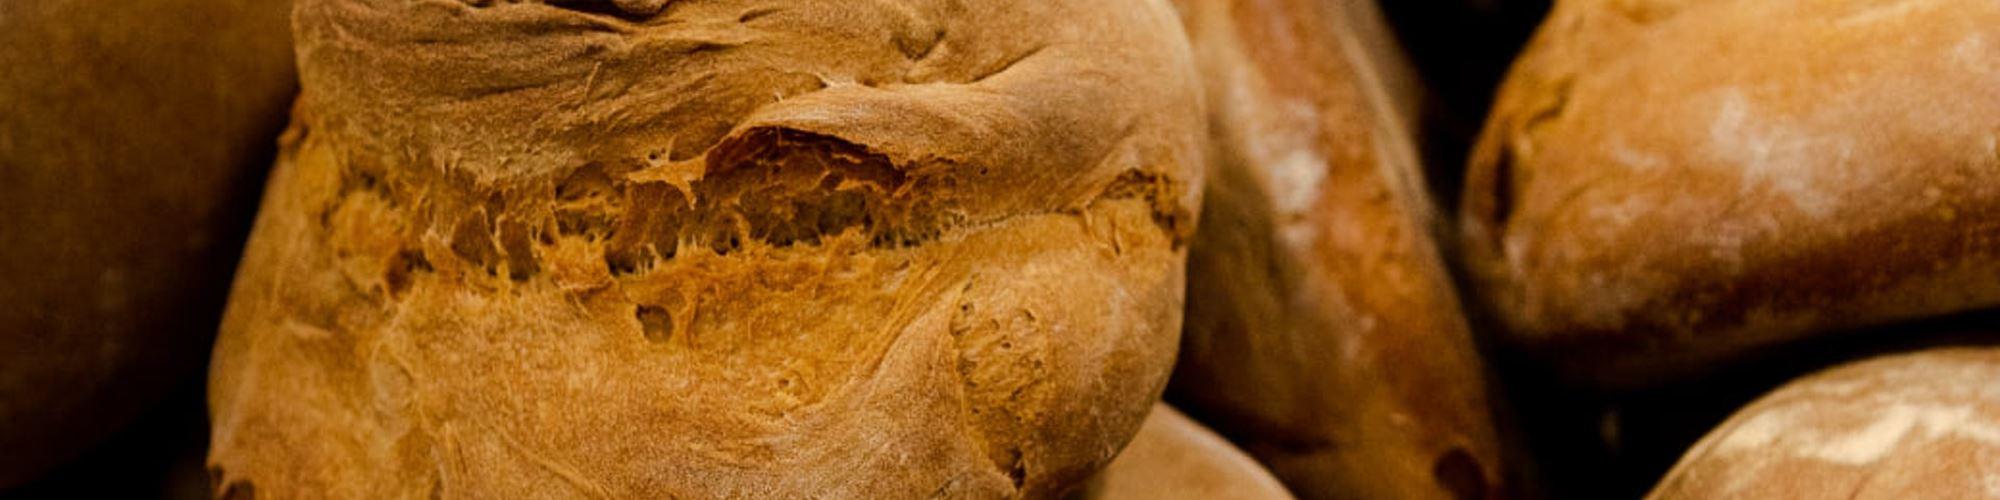 O melhor pão português é o alentejano!